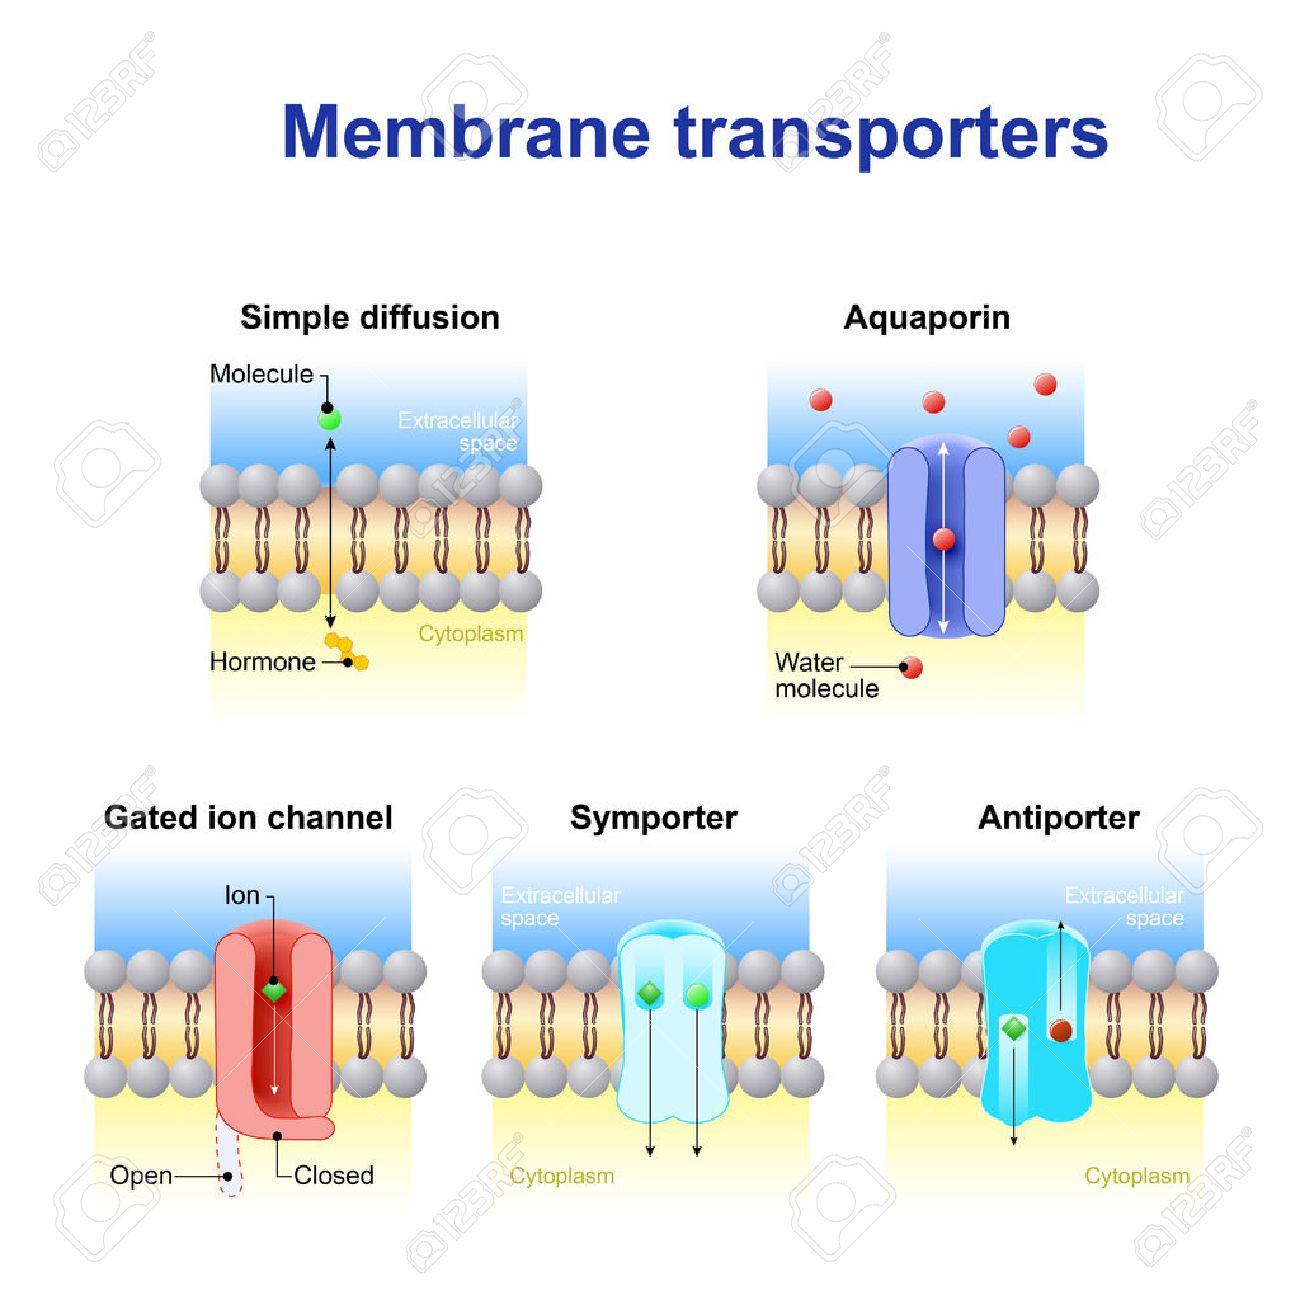 Los Mecanismos Para El Transporte De Iones Y Moléculas A Través De Membranas Celulares Tipos De Un Canal En La Membrana Celular Difusión Simple